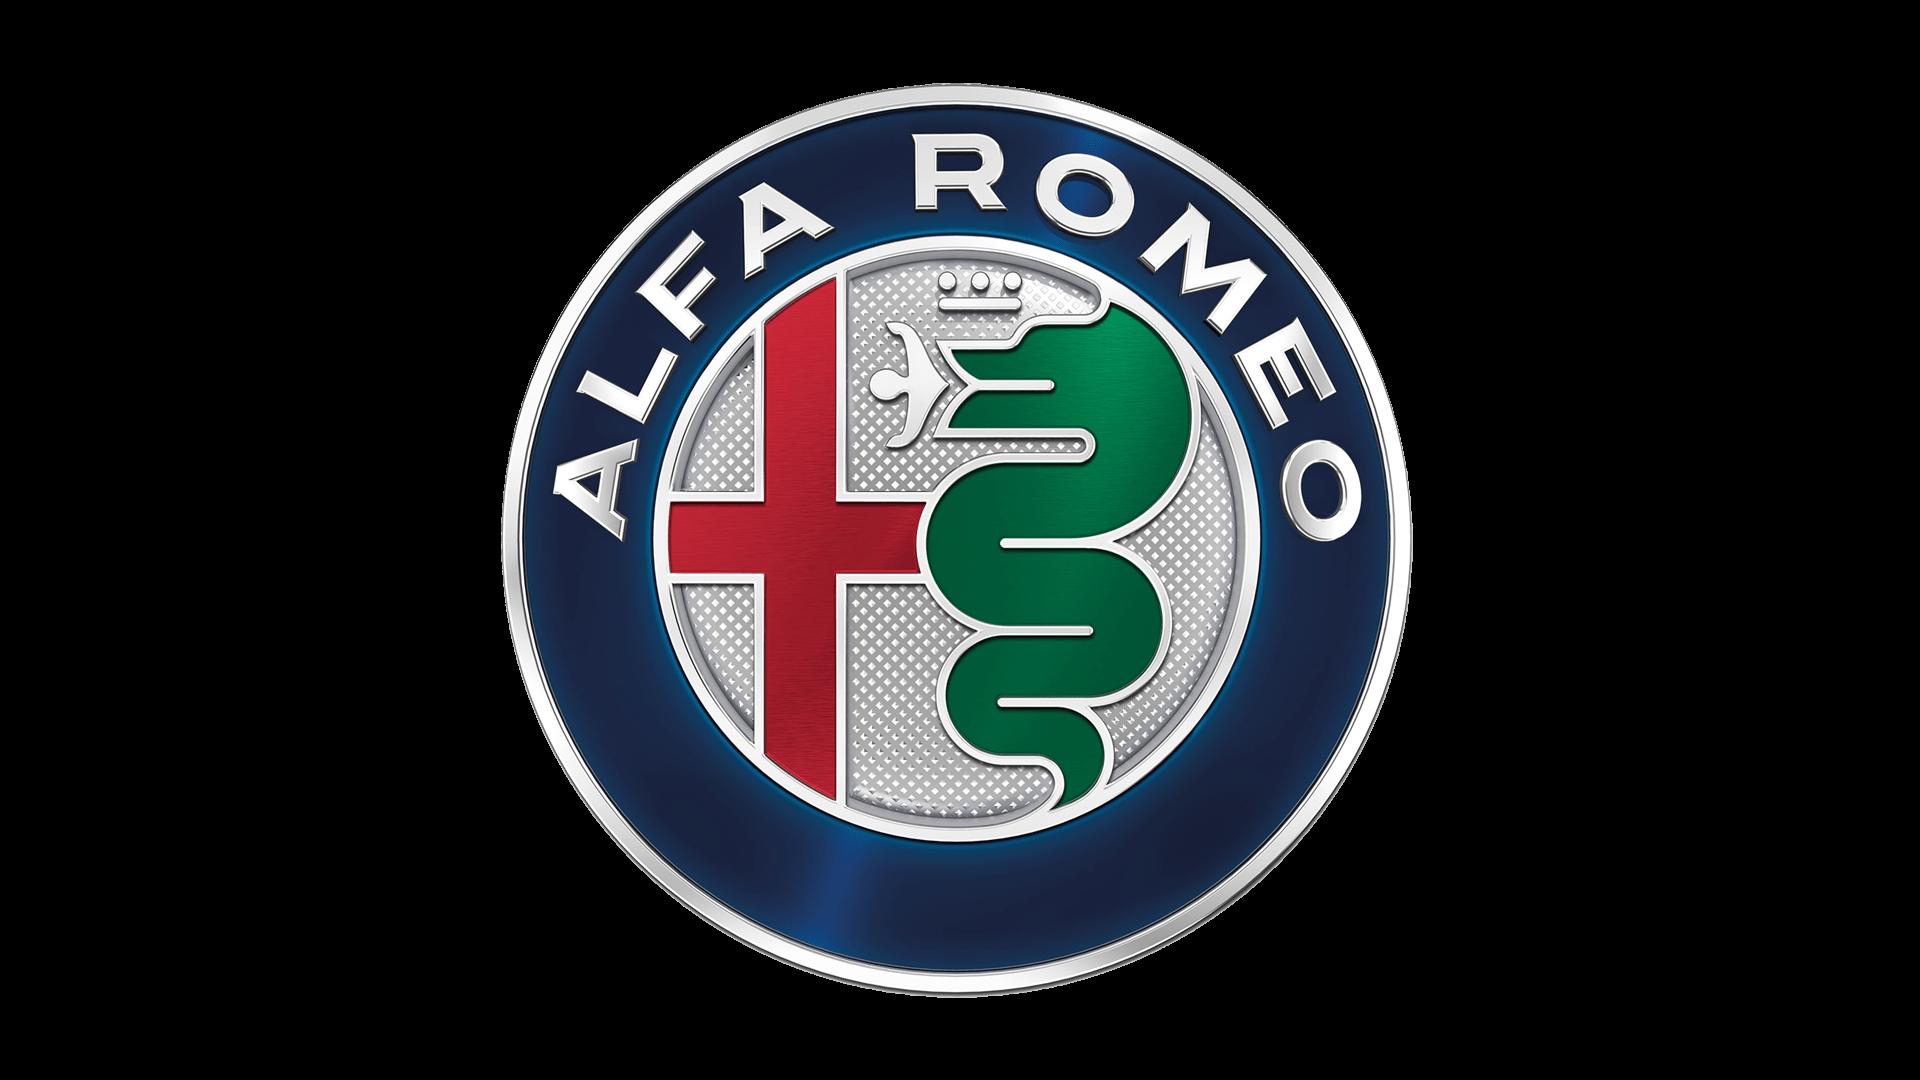 Résultats de recherche d'images pour «ALFA ROMEO LOGO PNG»